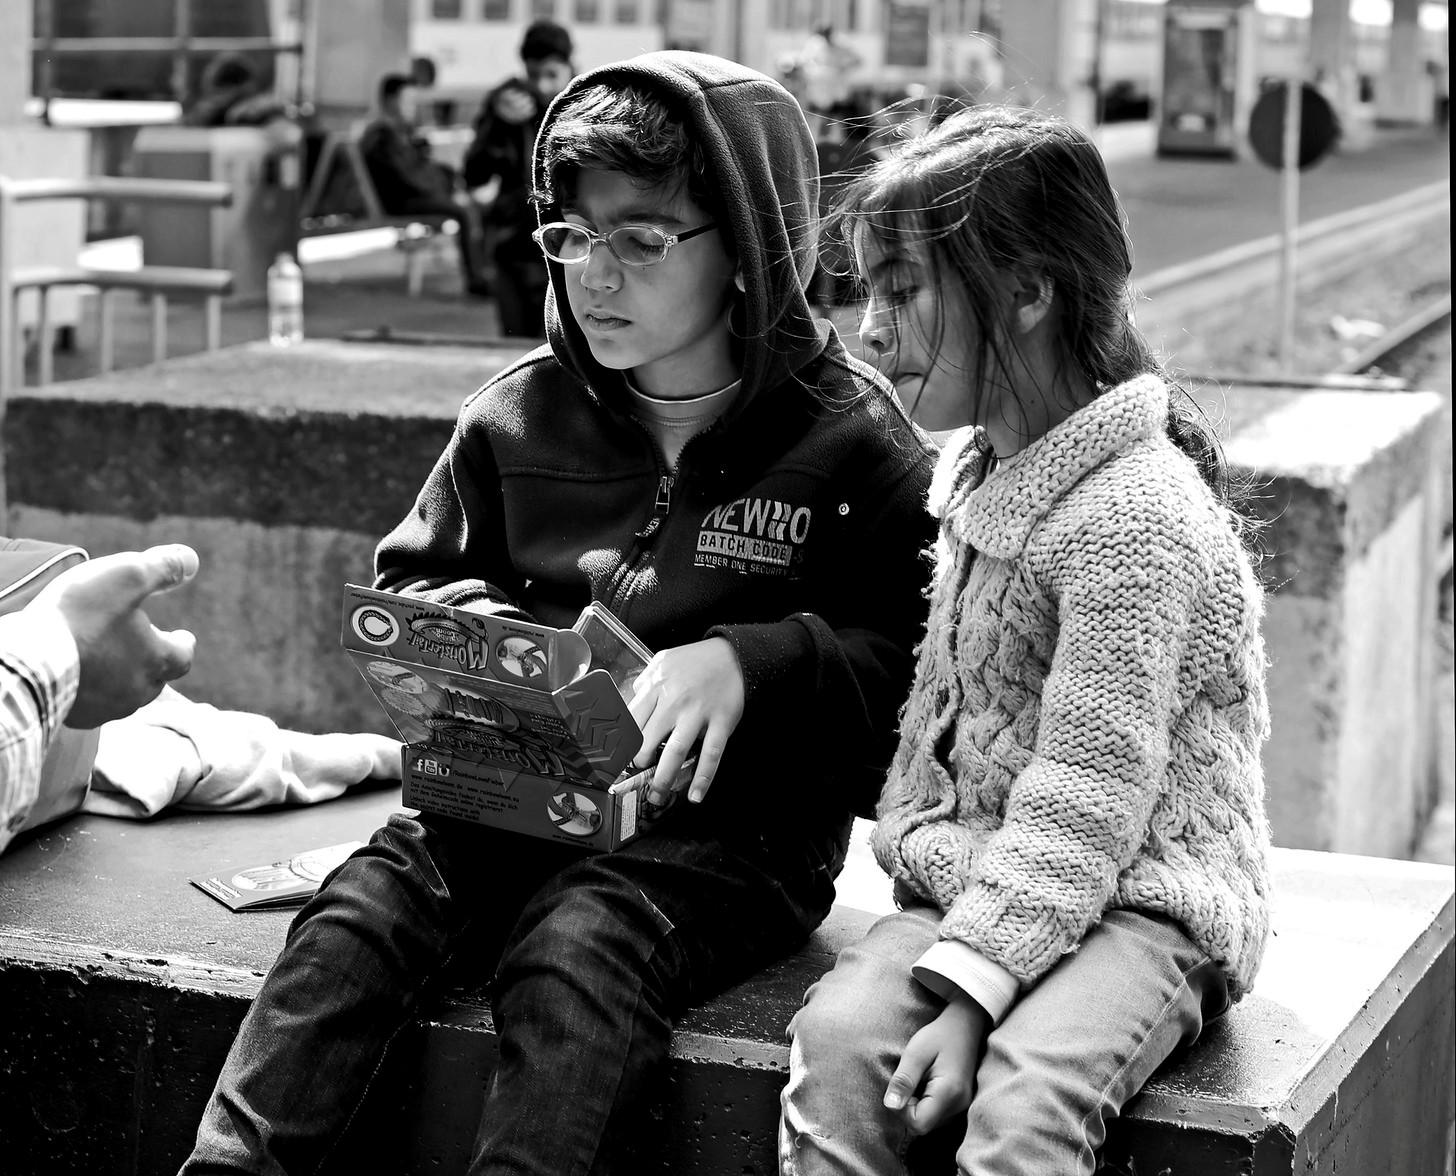 Un nen i una nena refugiats a l'estació de Viena, el passat setembre / Josh Zakary